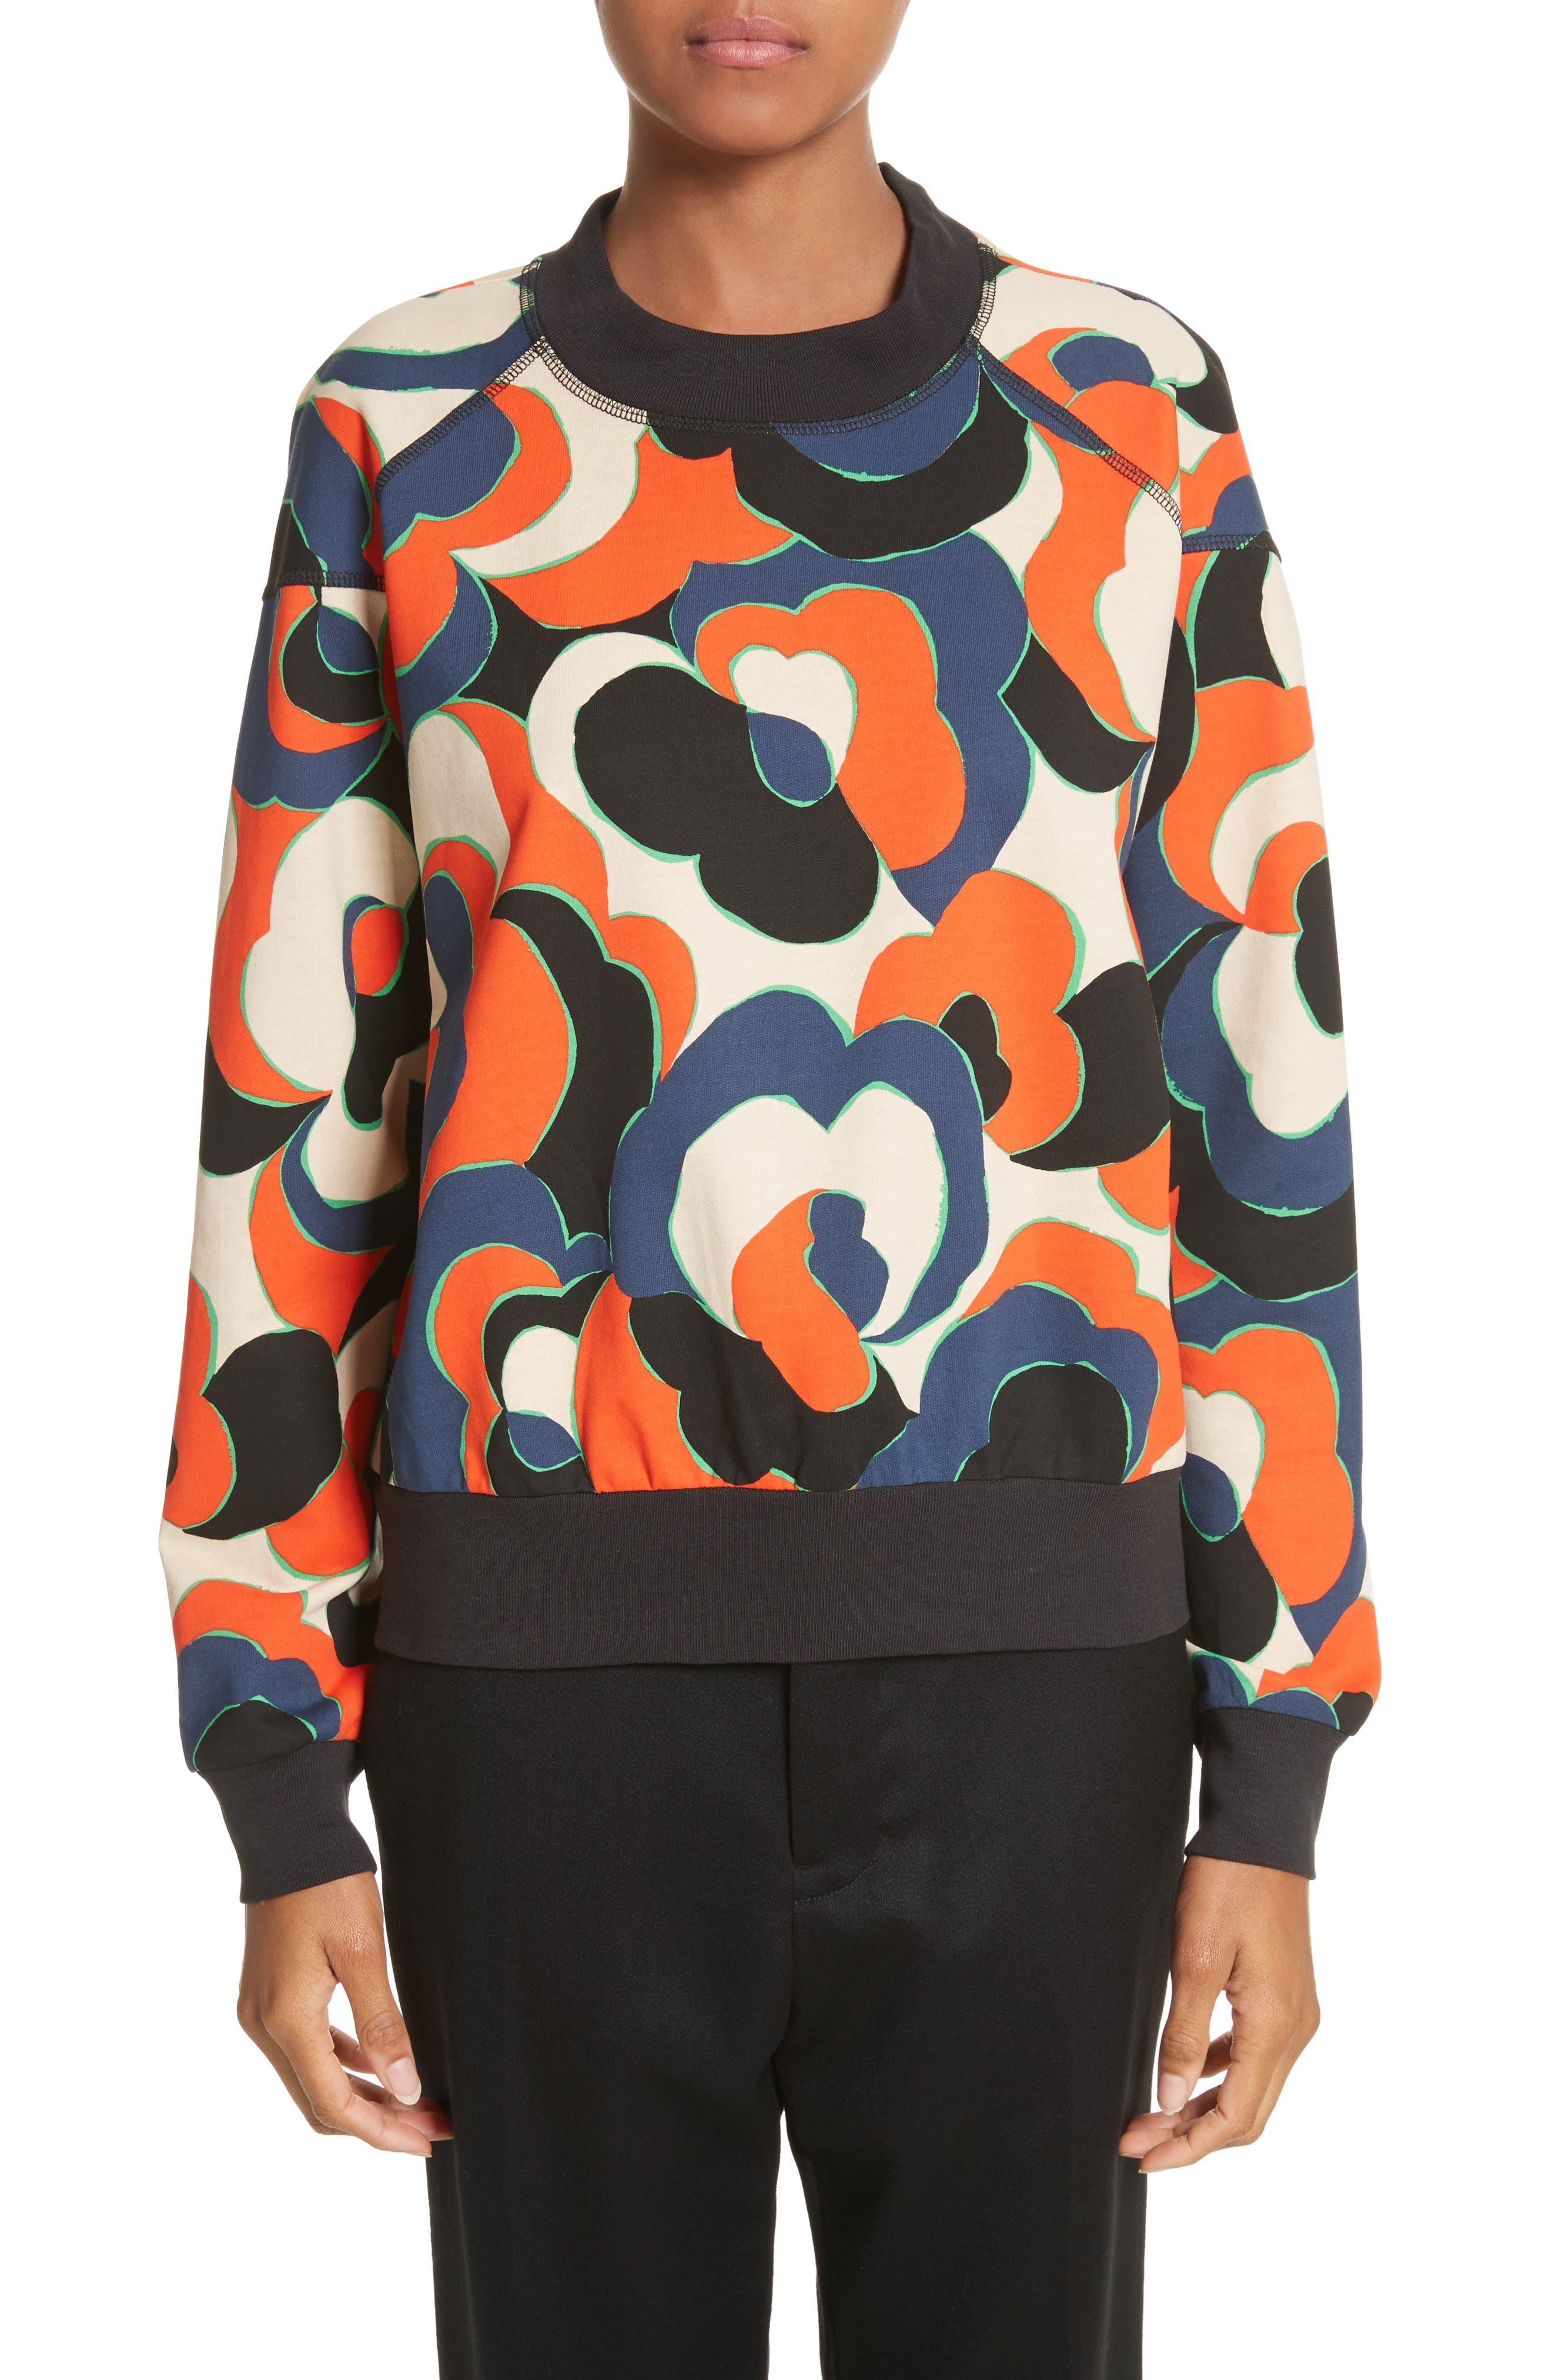 Dries Van Noten Hardmon Print Sweatshirt